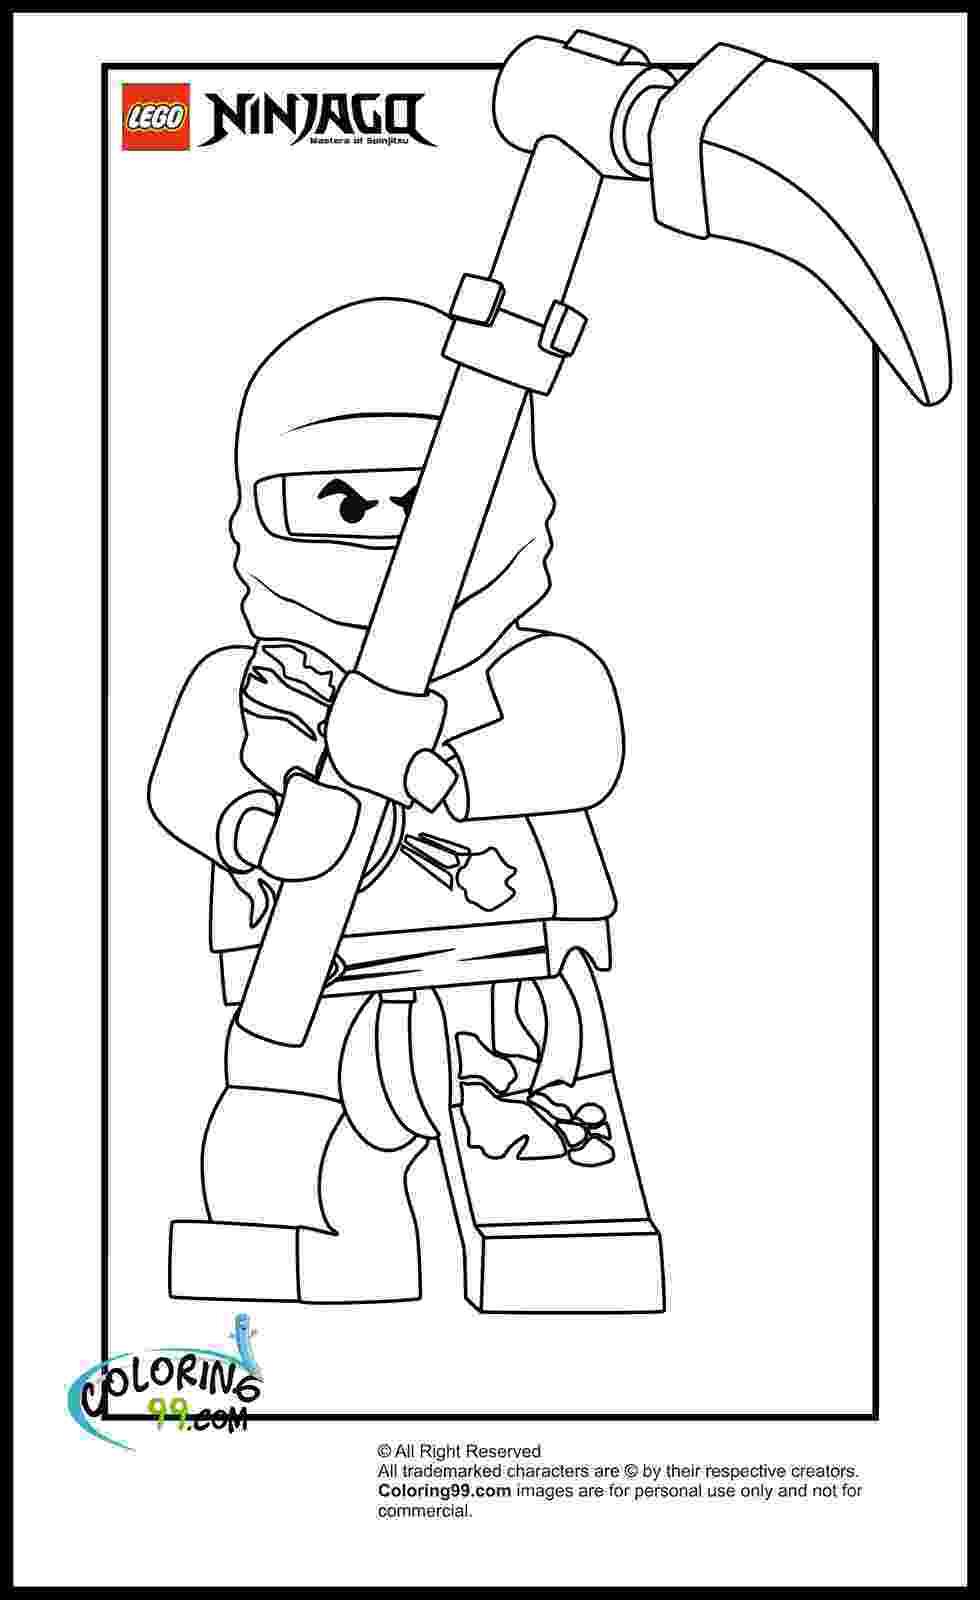 ninja coloring sheets ninja coloring pages to download and print for free coloring sheets ninja 1 1